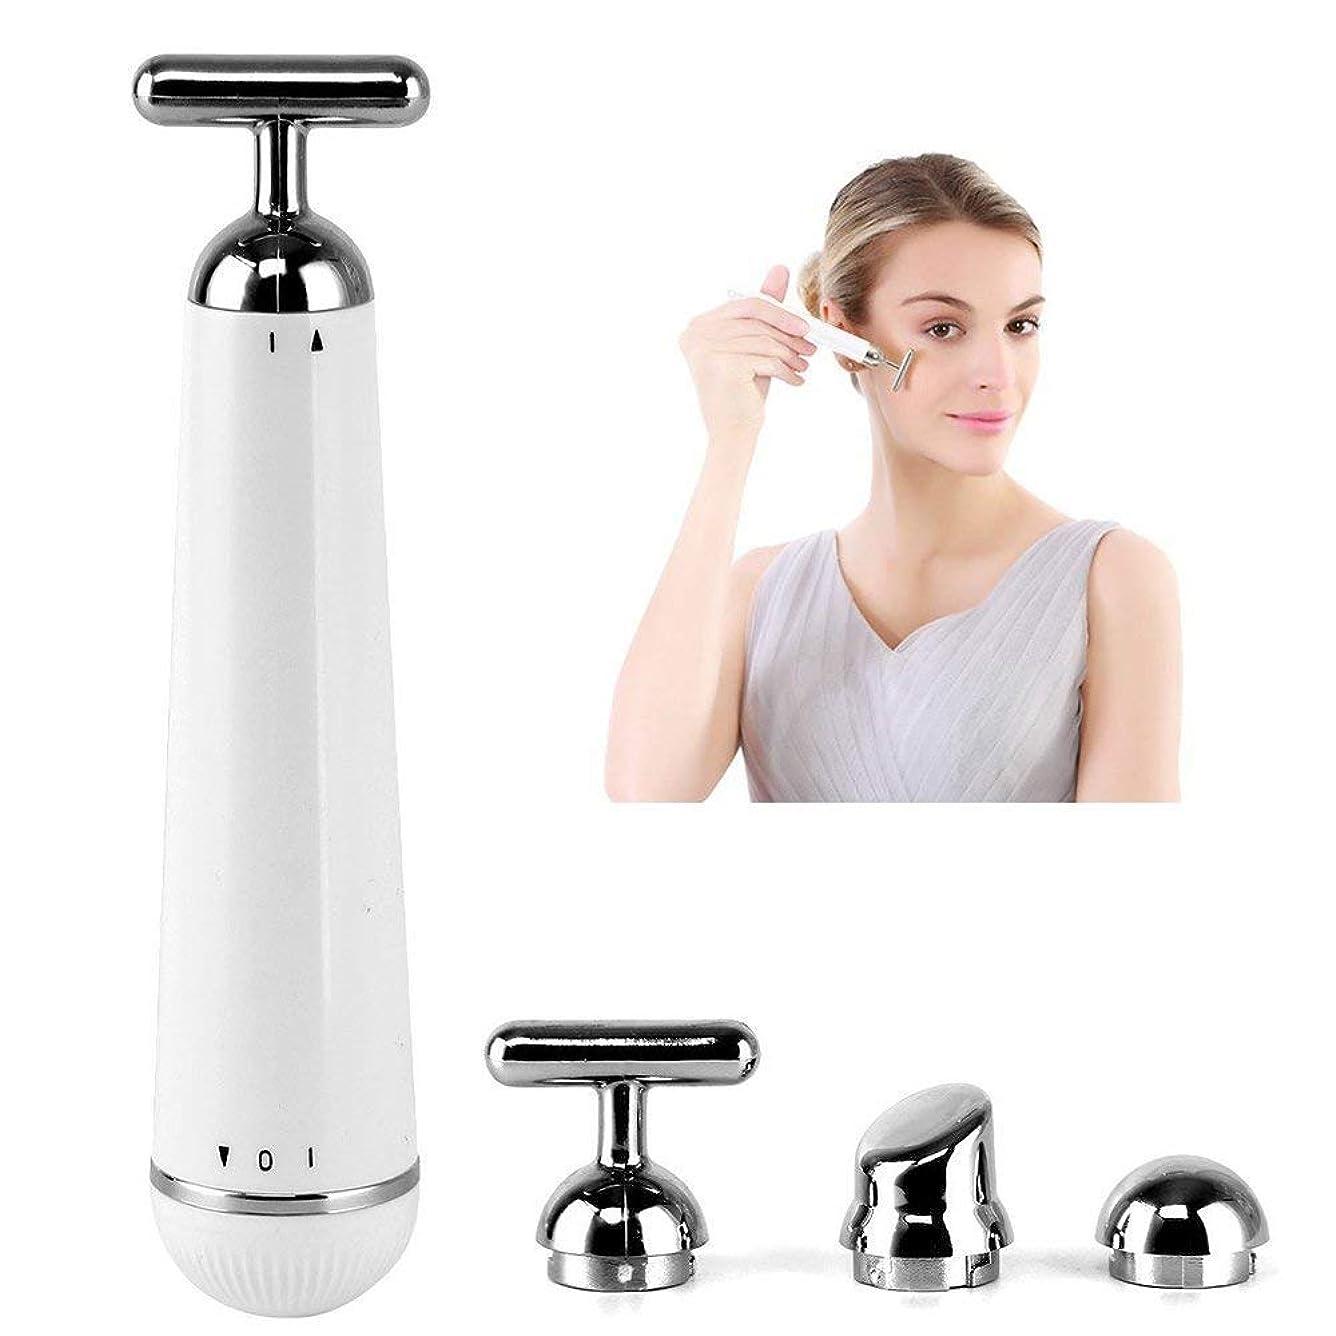 ビンホステス流体多機能さわやかな肌美容フェイシャルマッサージ美容バーフェイスリフト電動フェイシャルリフト美容機器イオンアイズフェイシャルマッサージ